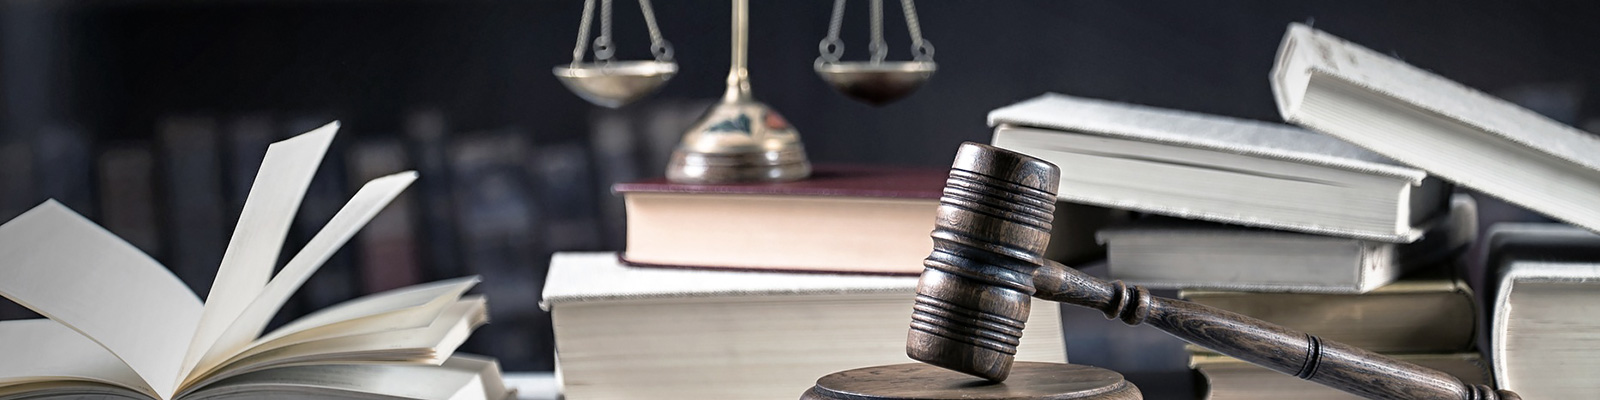 法律 書類 イメージ